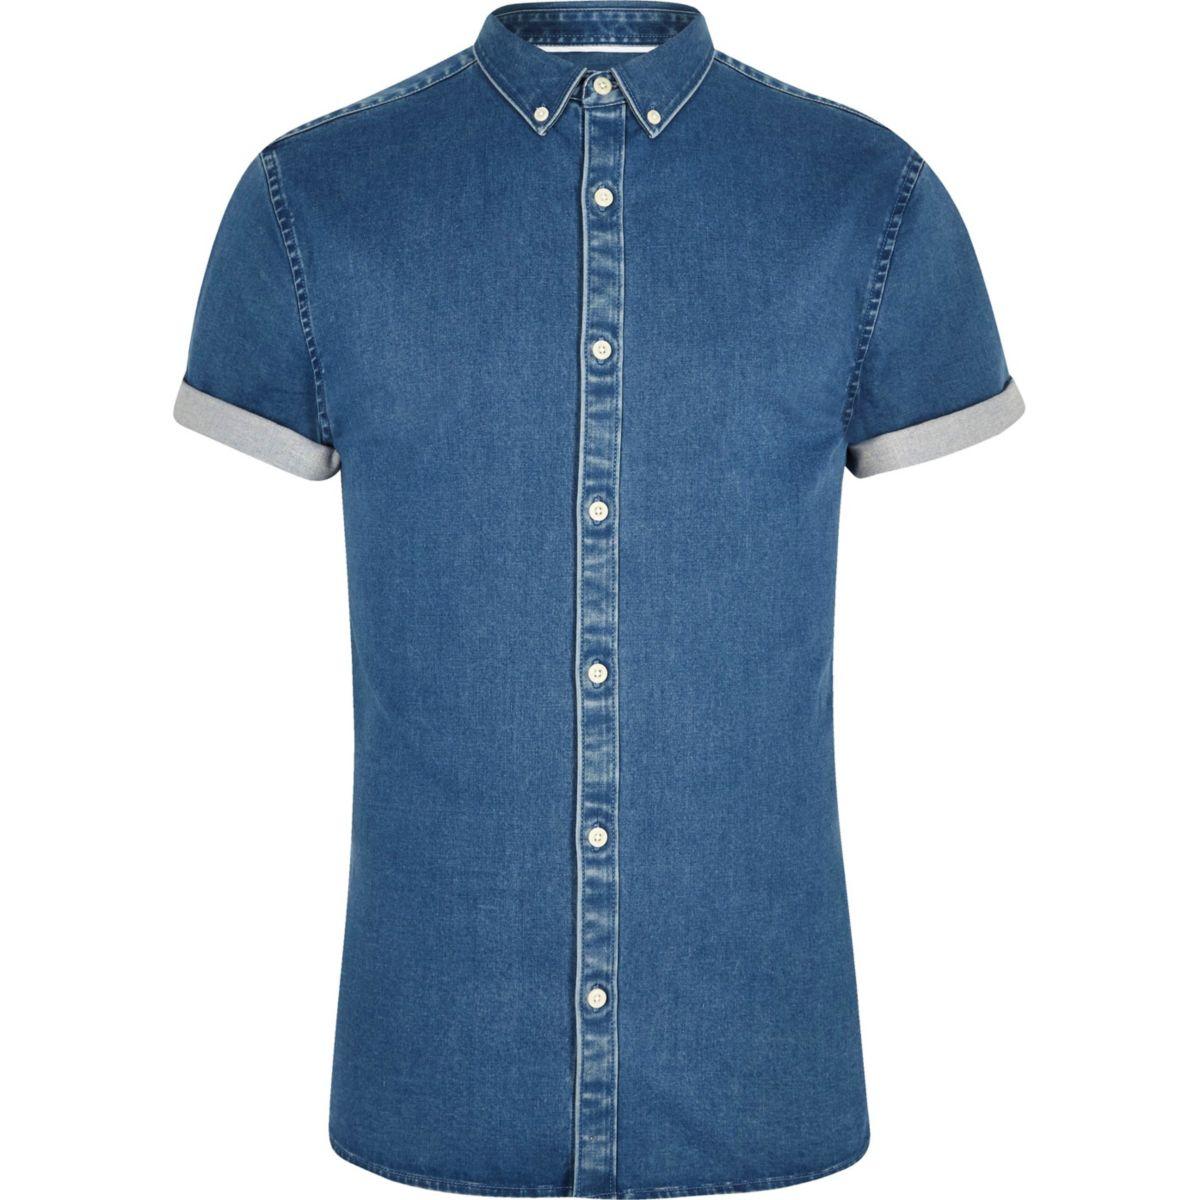 Chemise en jean bleue ajustée à manches courtes